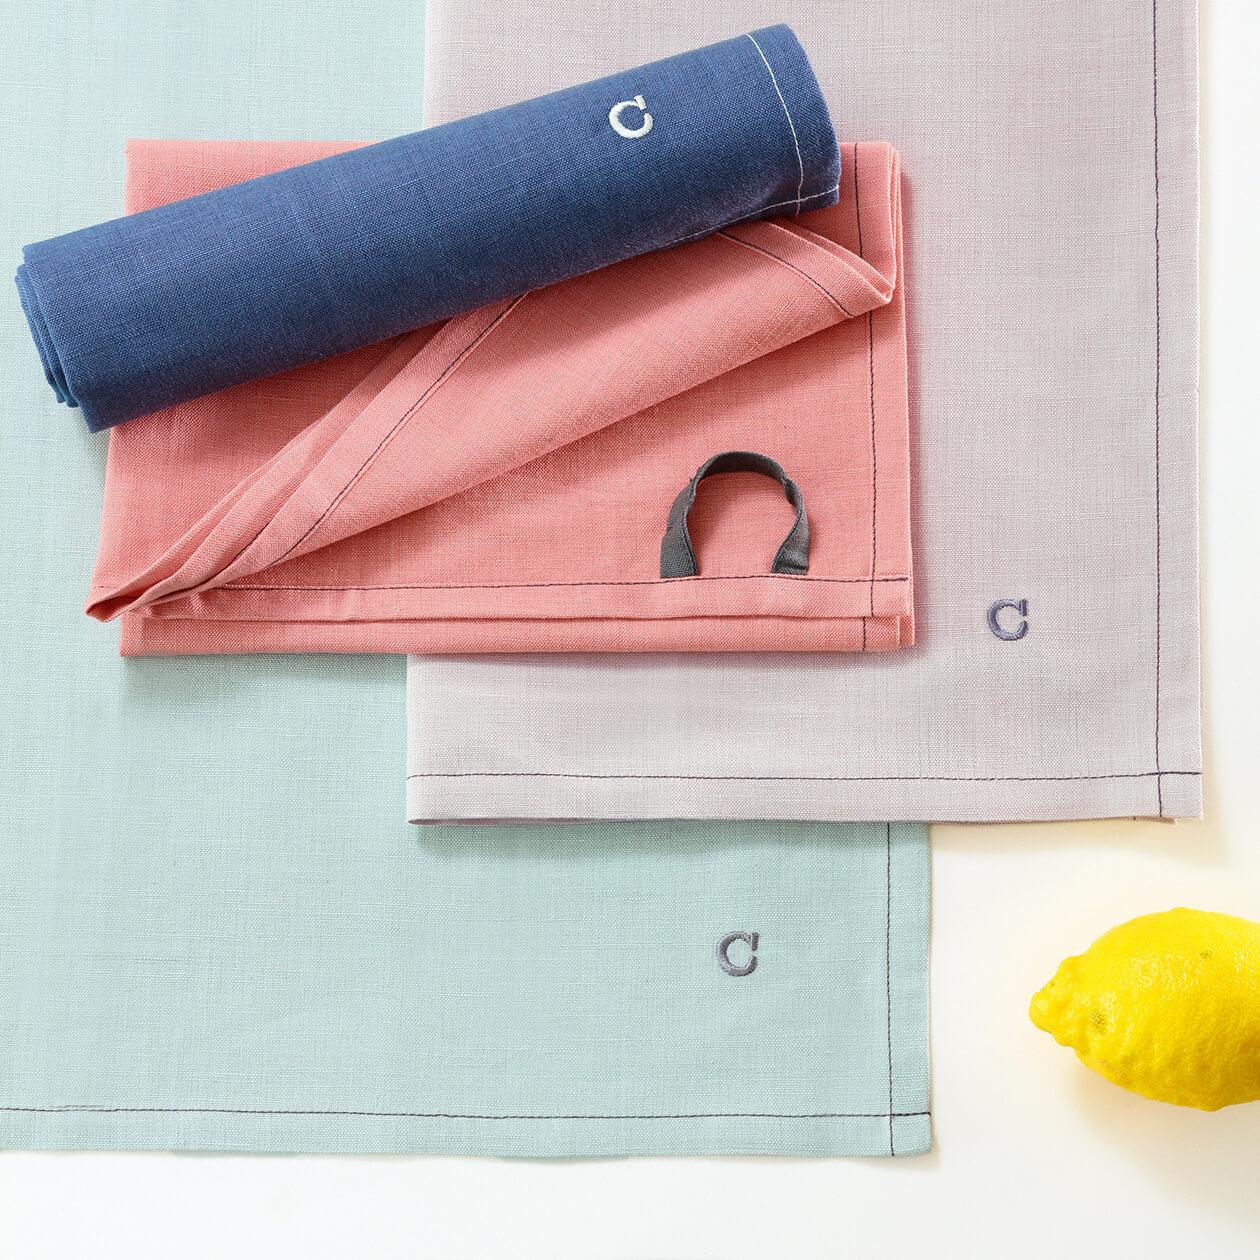 Cawö Home Solid 500 - Geschirrtuch 50x70 cm - Farbe: nachtblau - 111 Detailbild 1